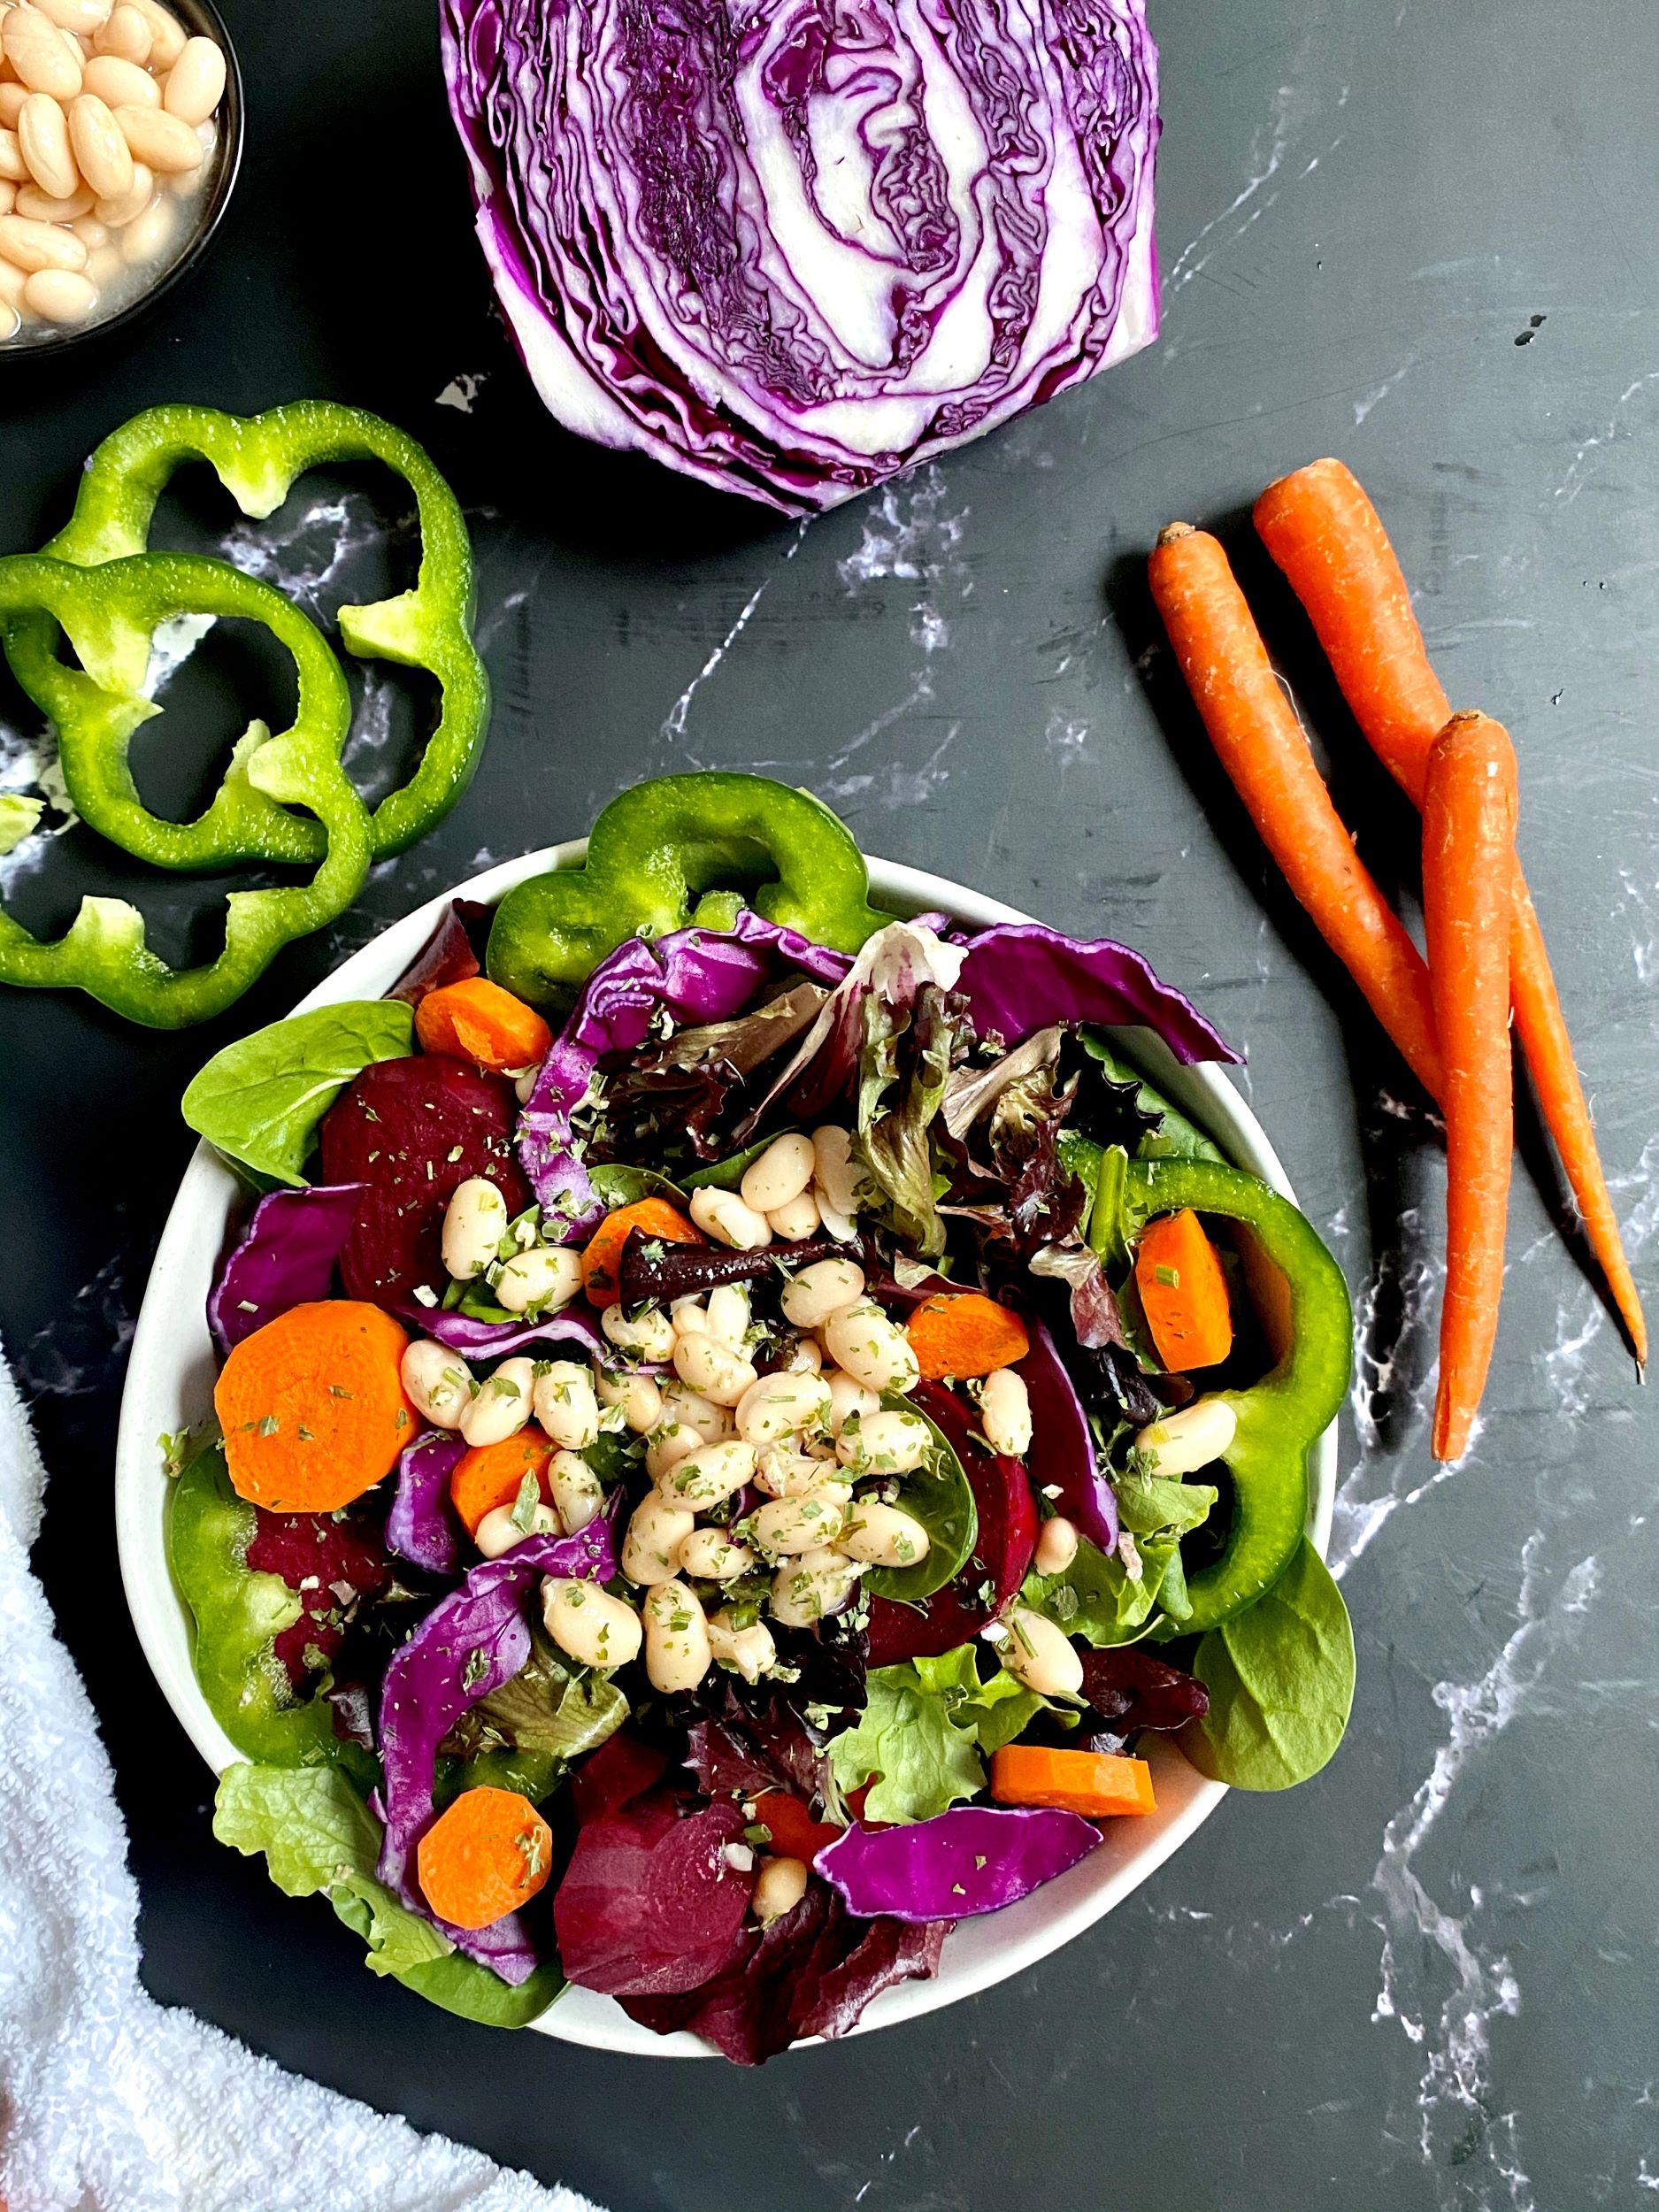 Simple Rainbow Salad